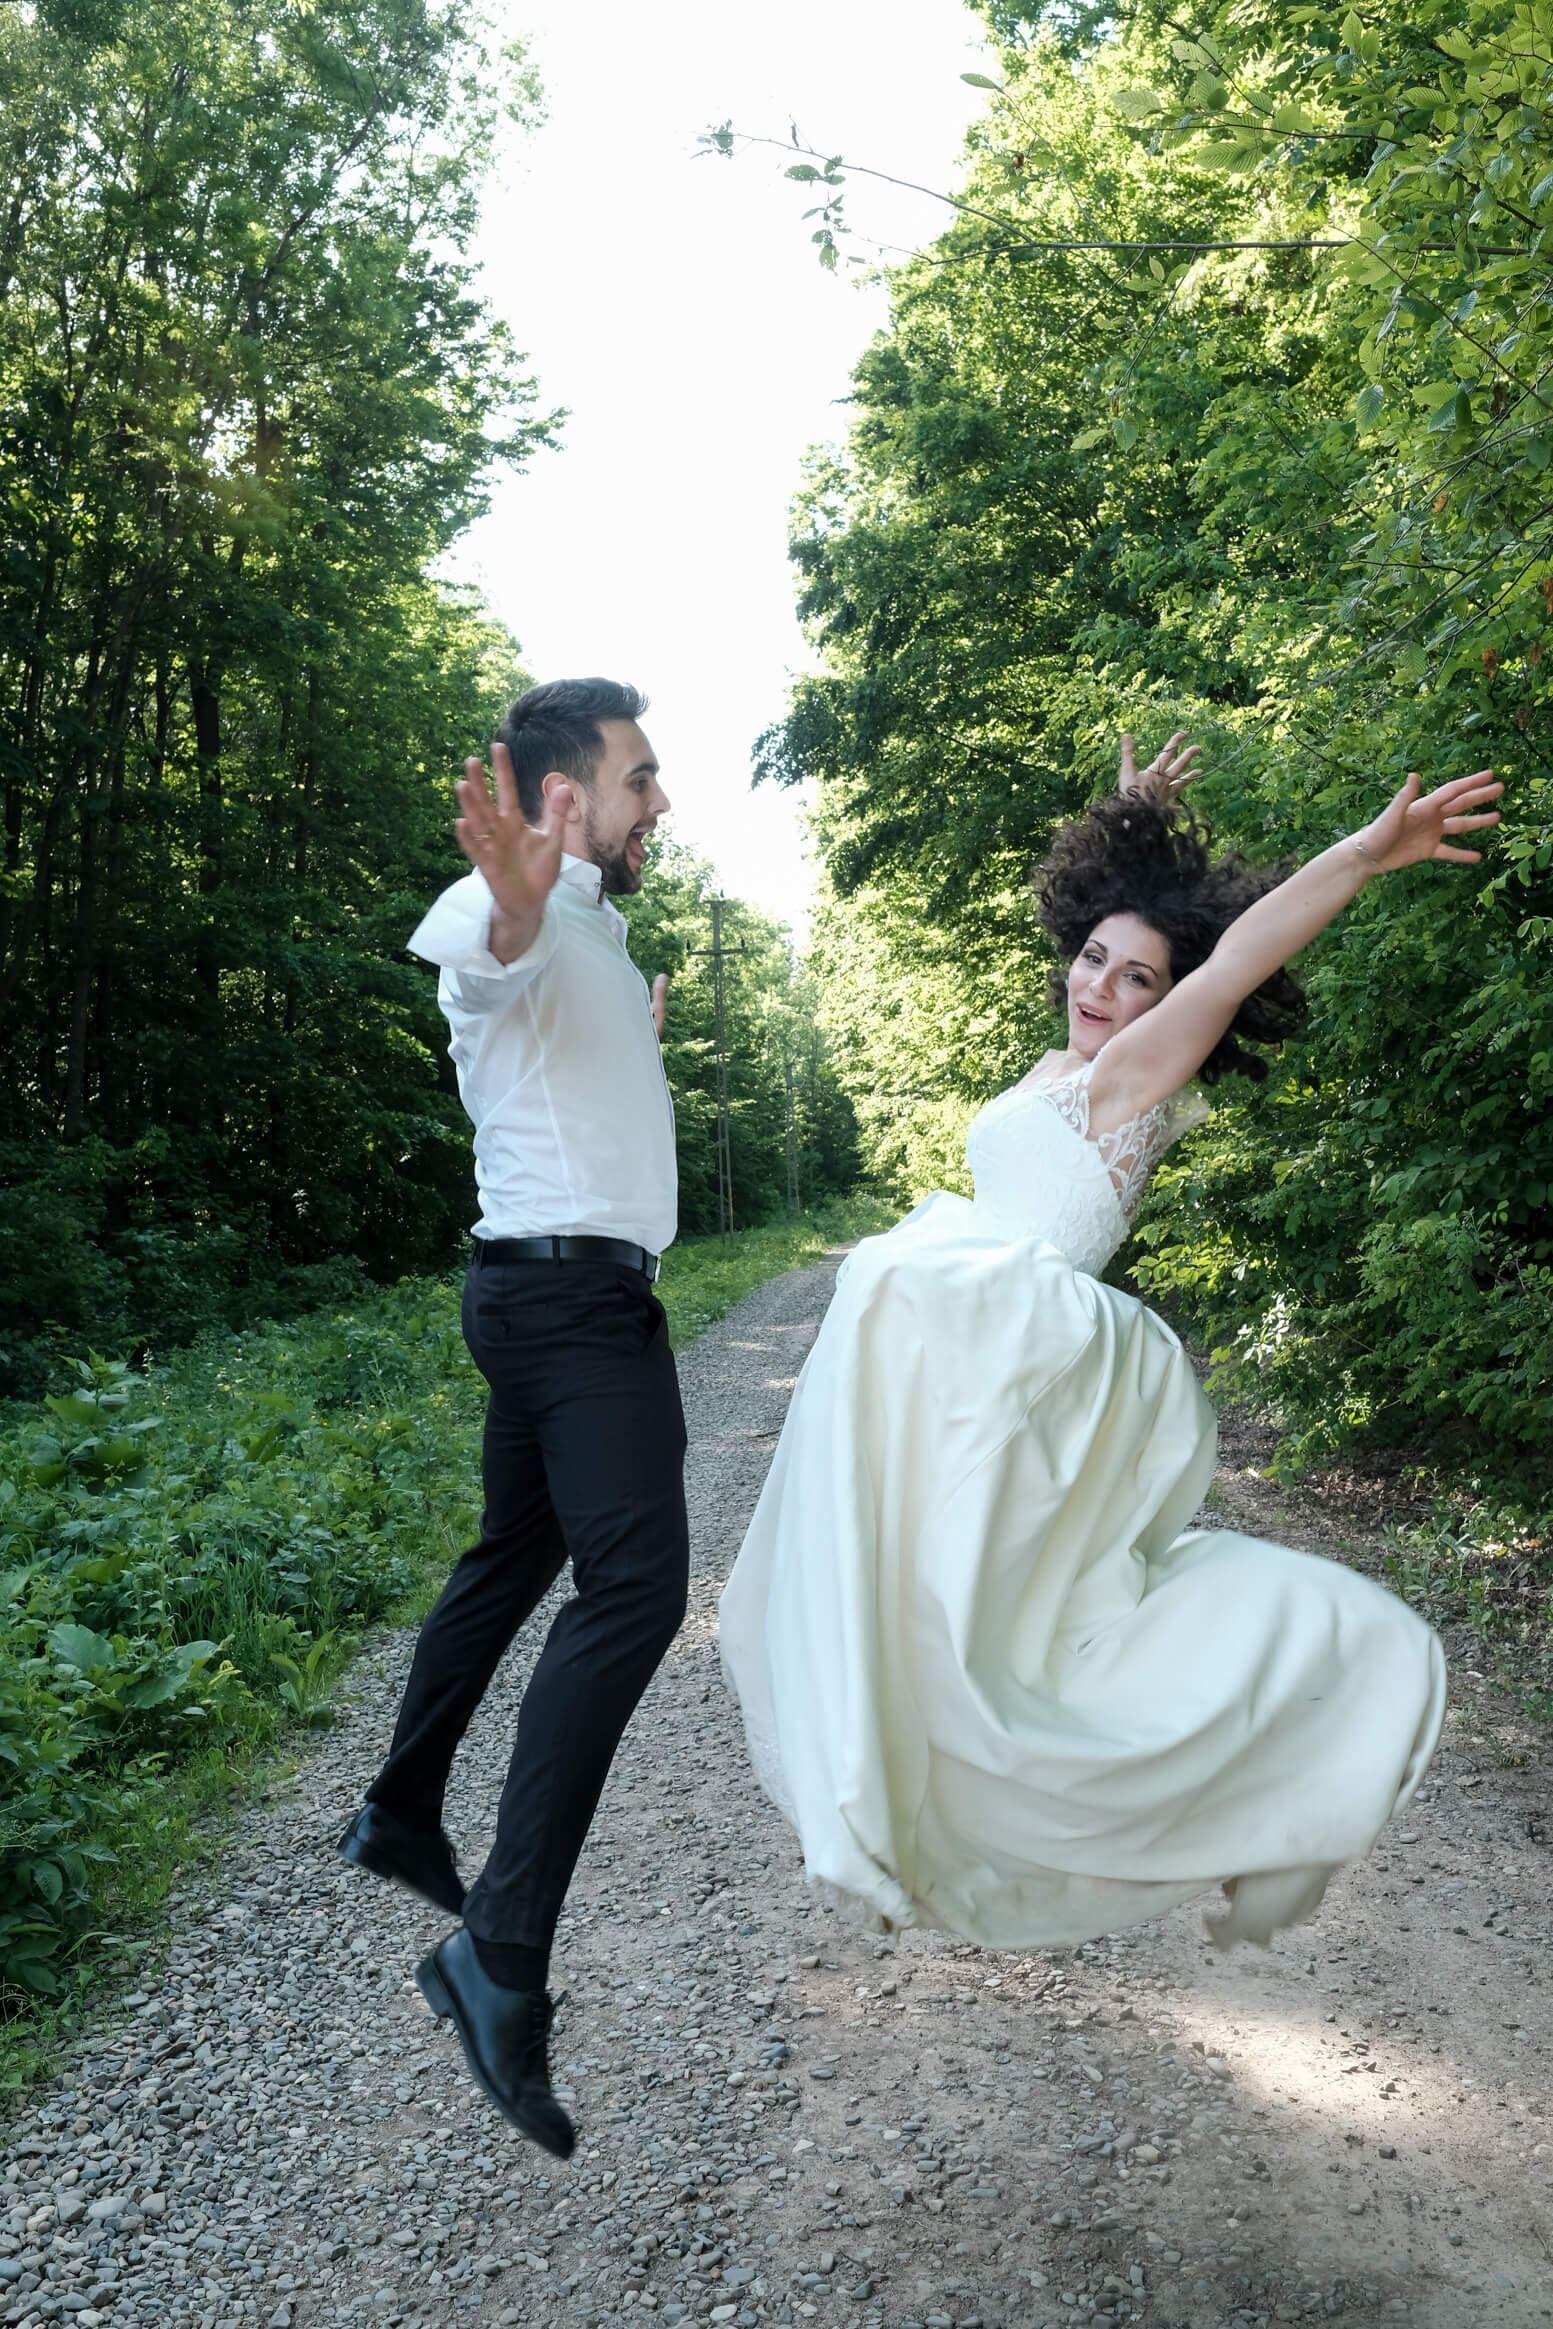 marius agrigoroaie fotograf de nunta botosani suceava 36